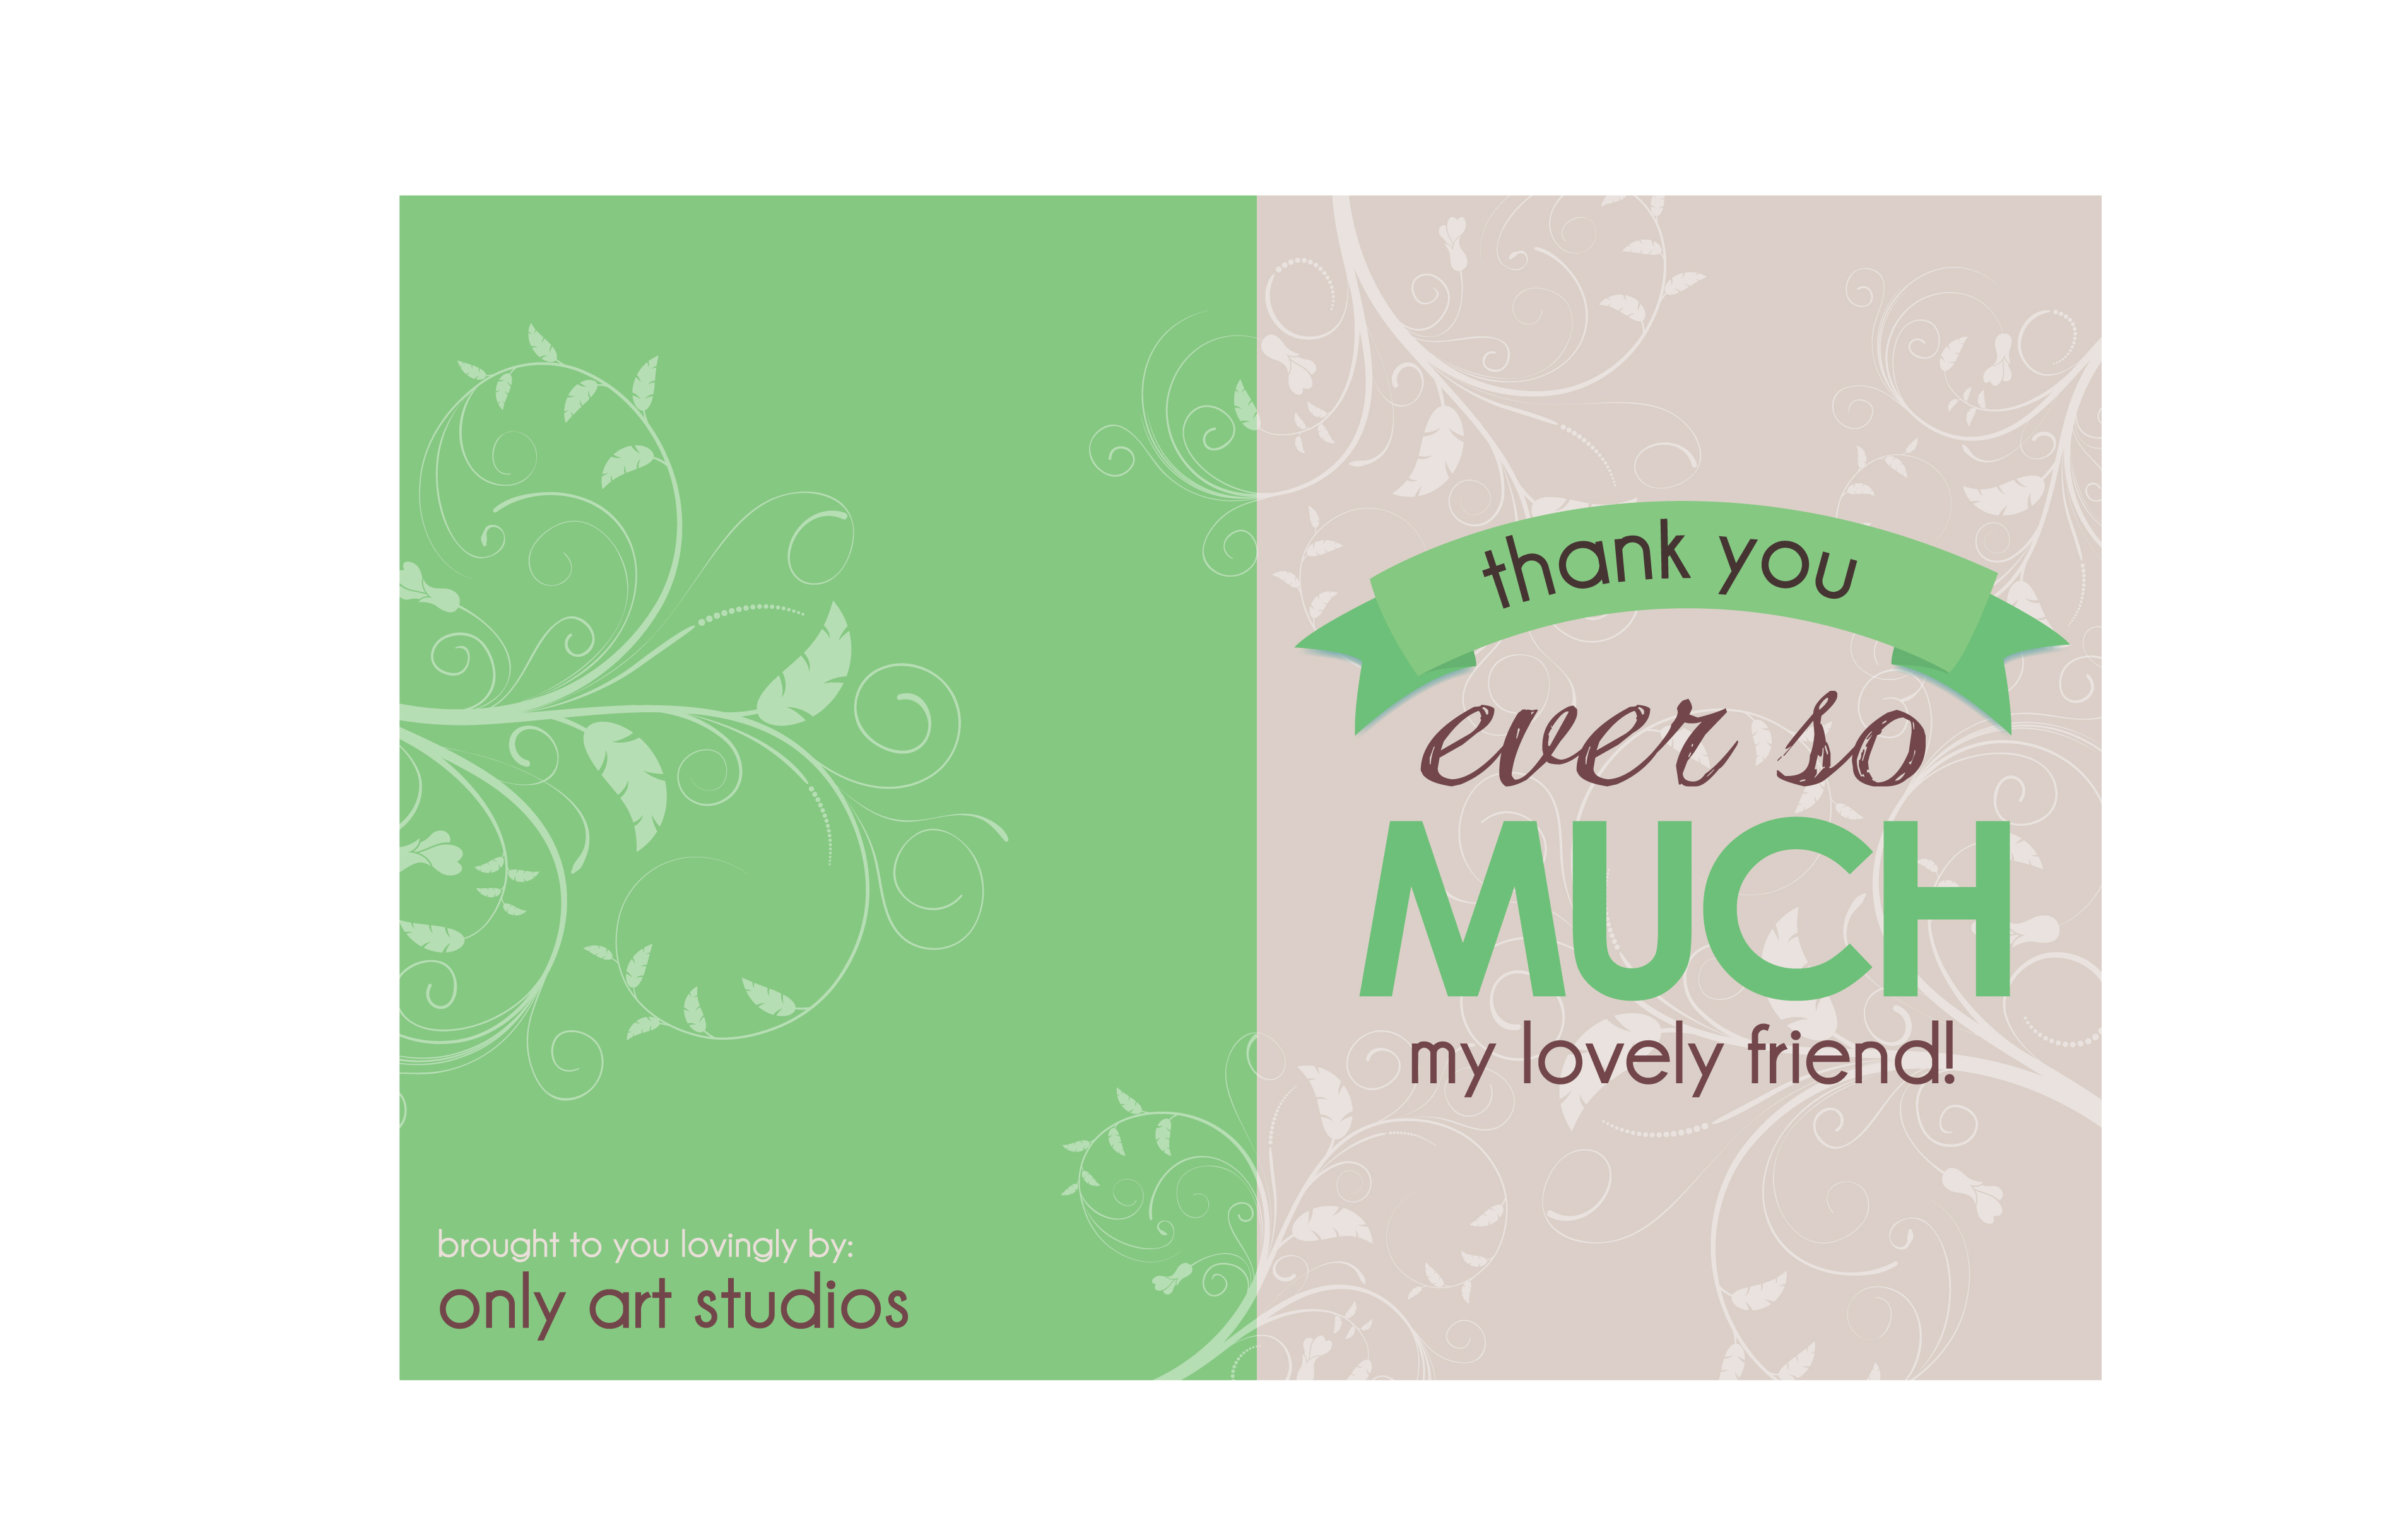 thank you card design emmalee shallenberger graphic designer